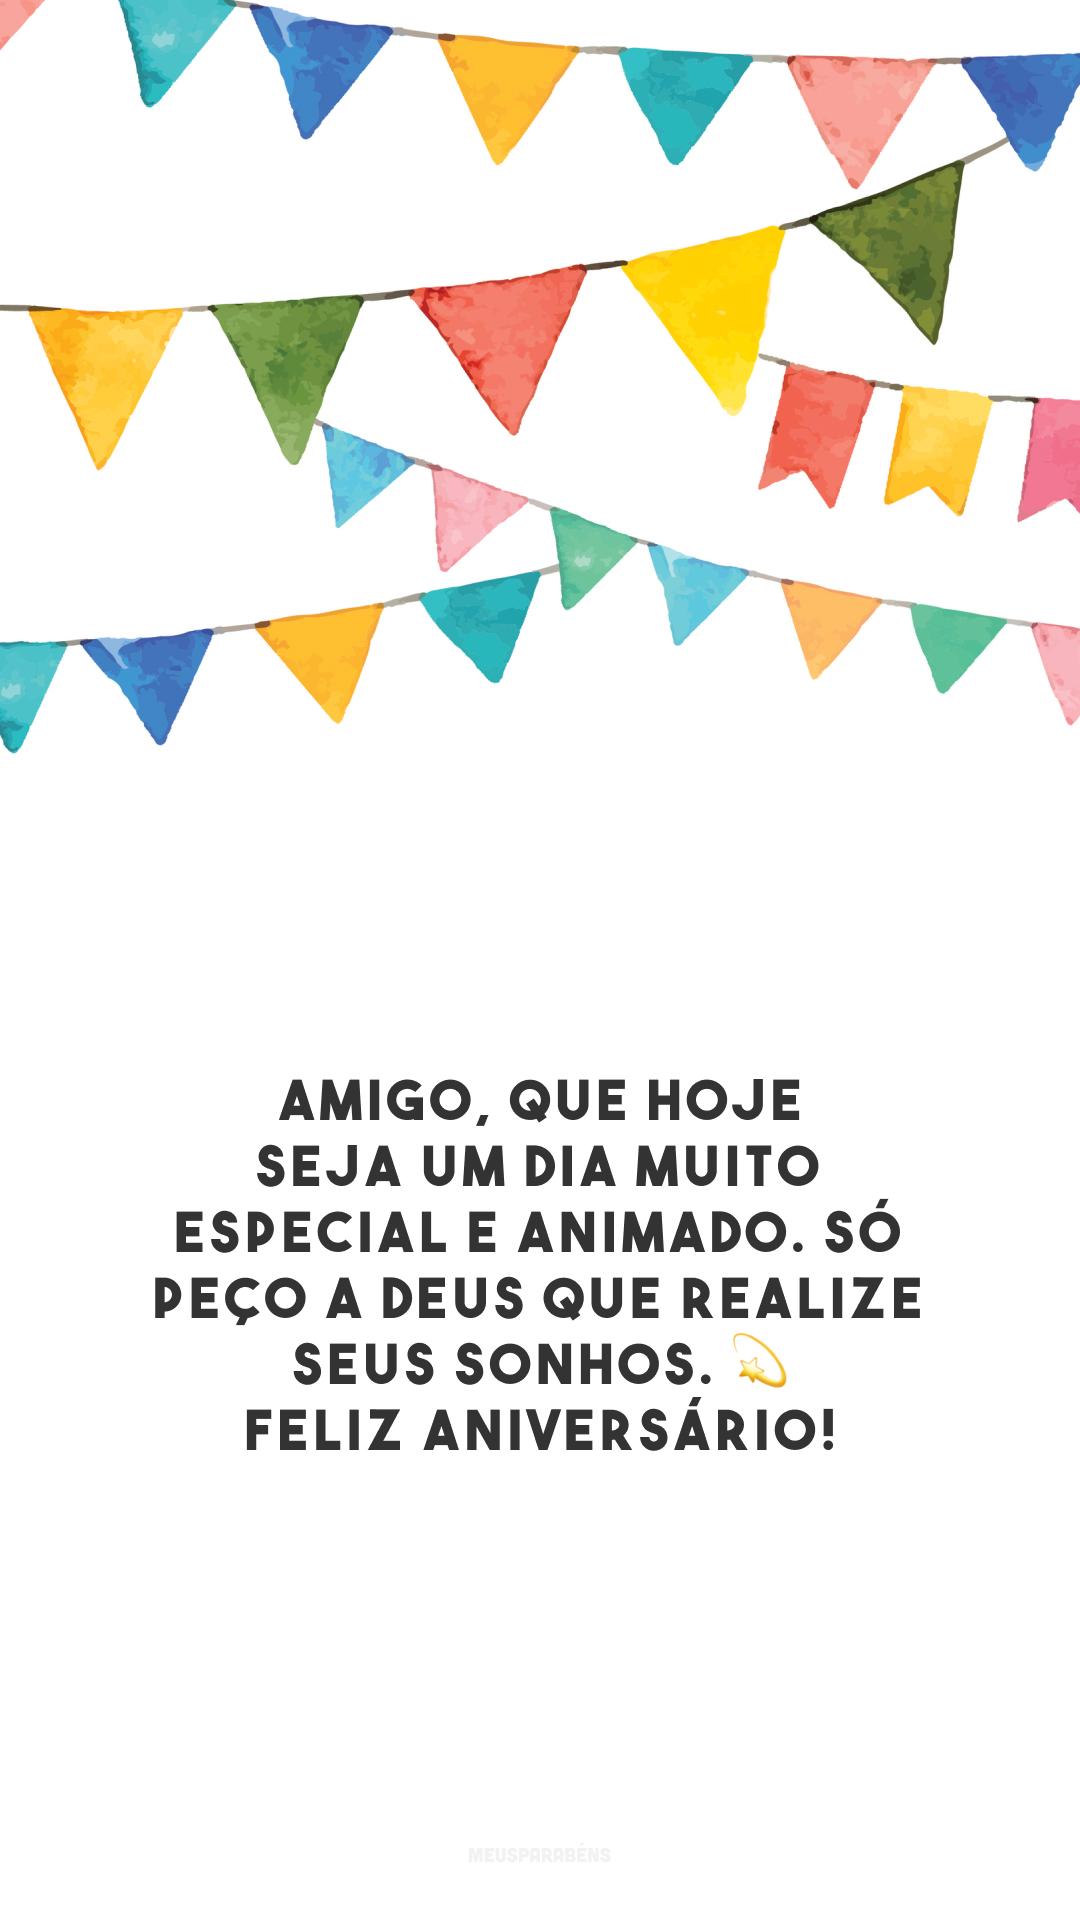 Amigo, que hoje seja um dia muito especial e animado. Só peço a Deus que realize seus sonhos. 💫 Feliz aniversário!